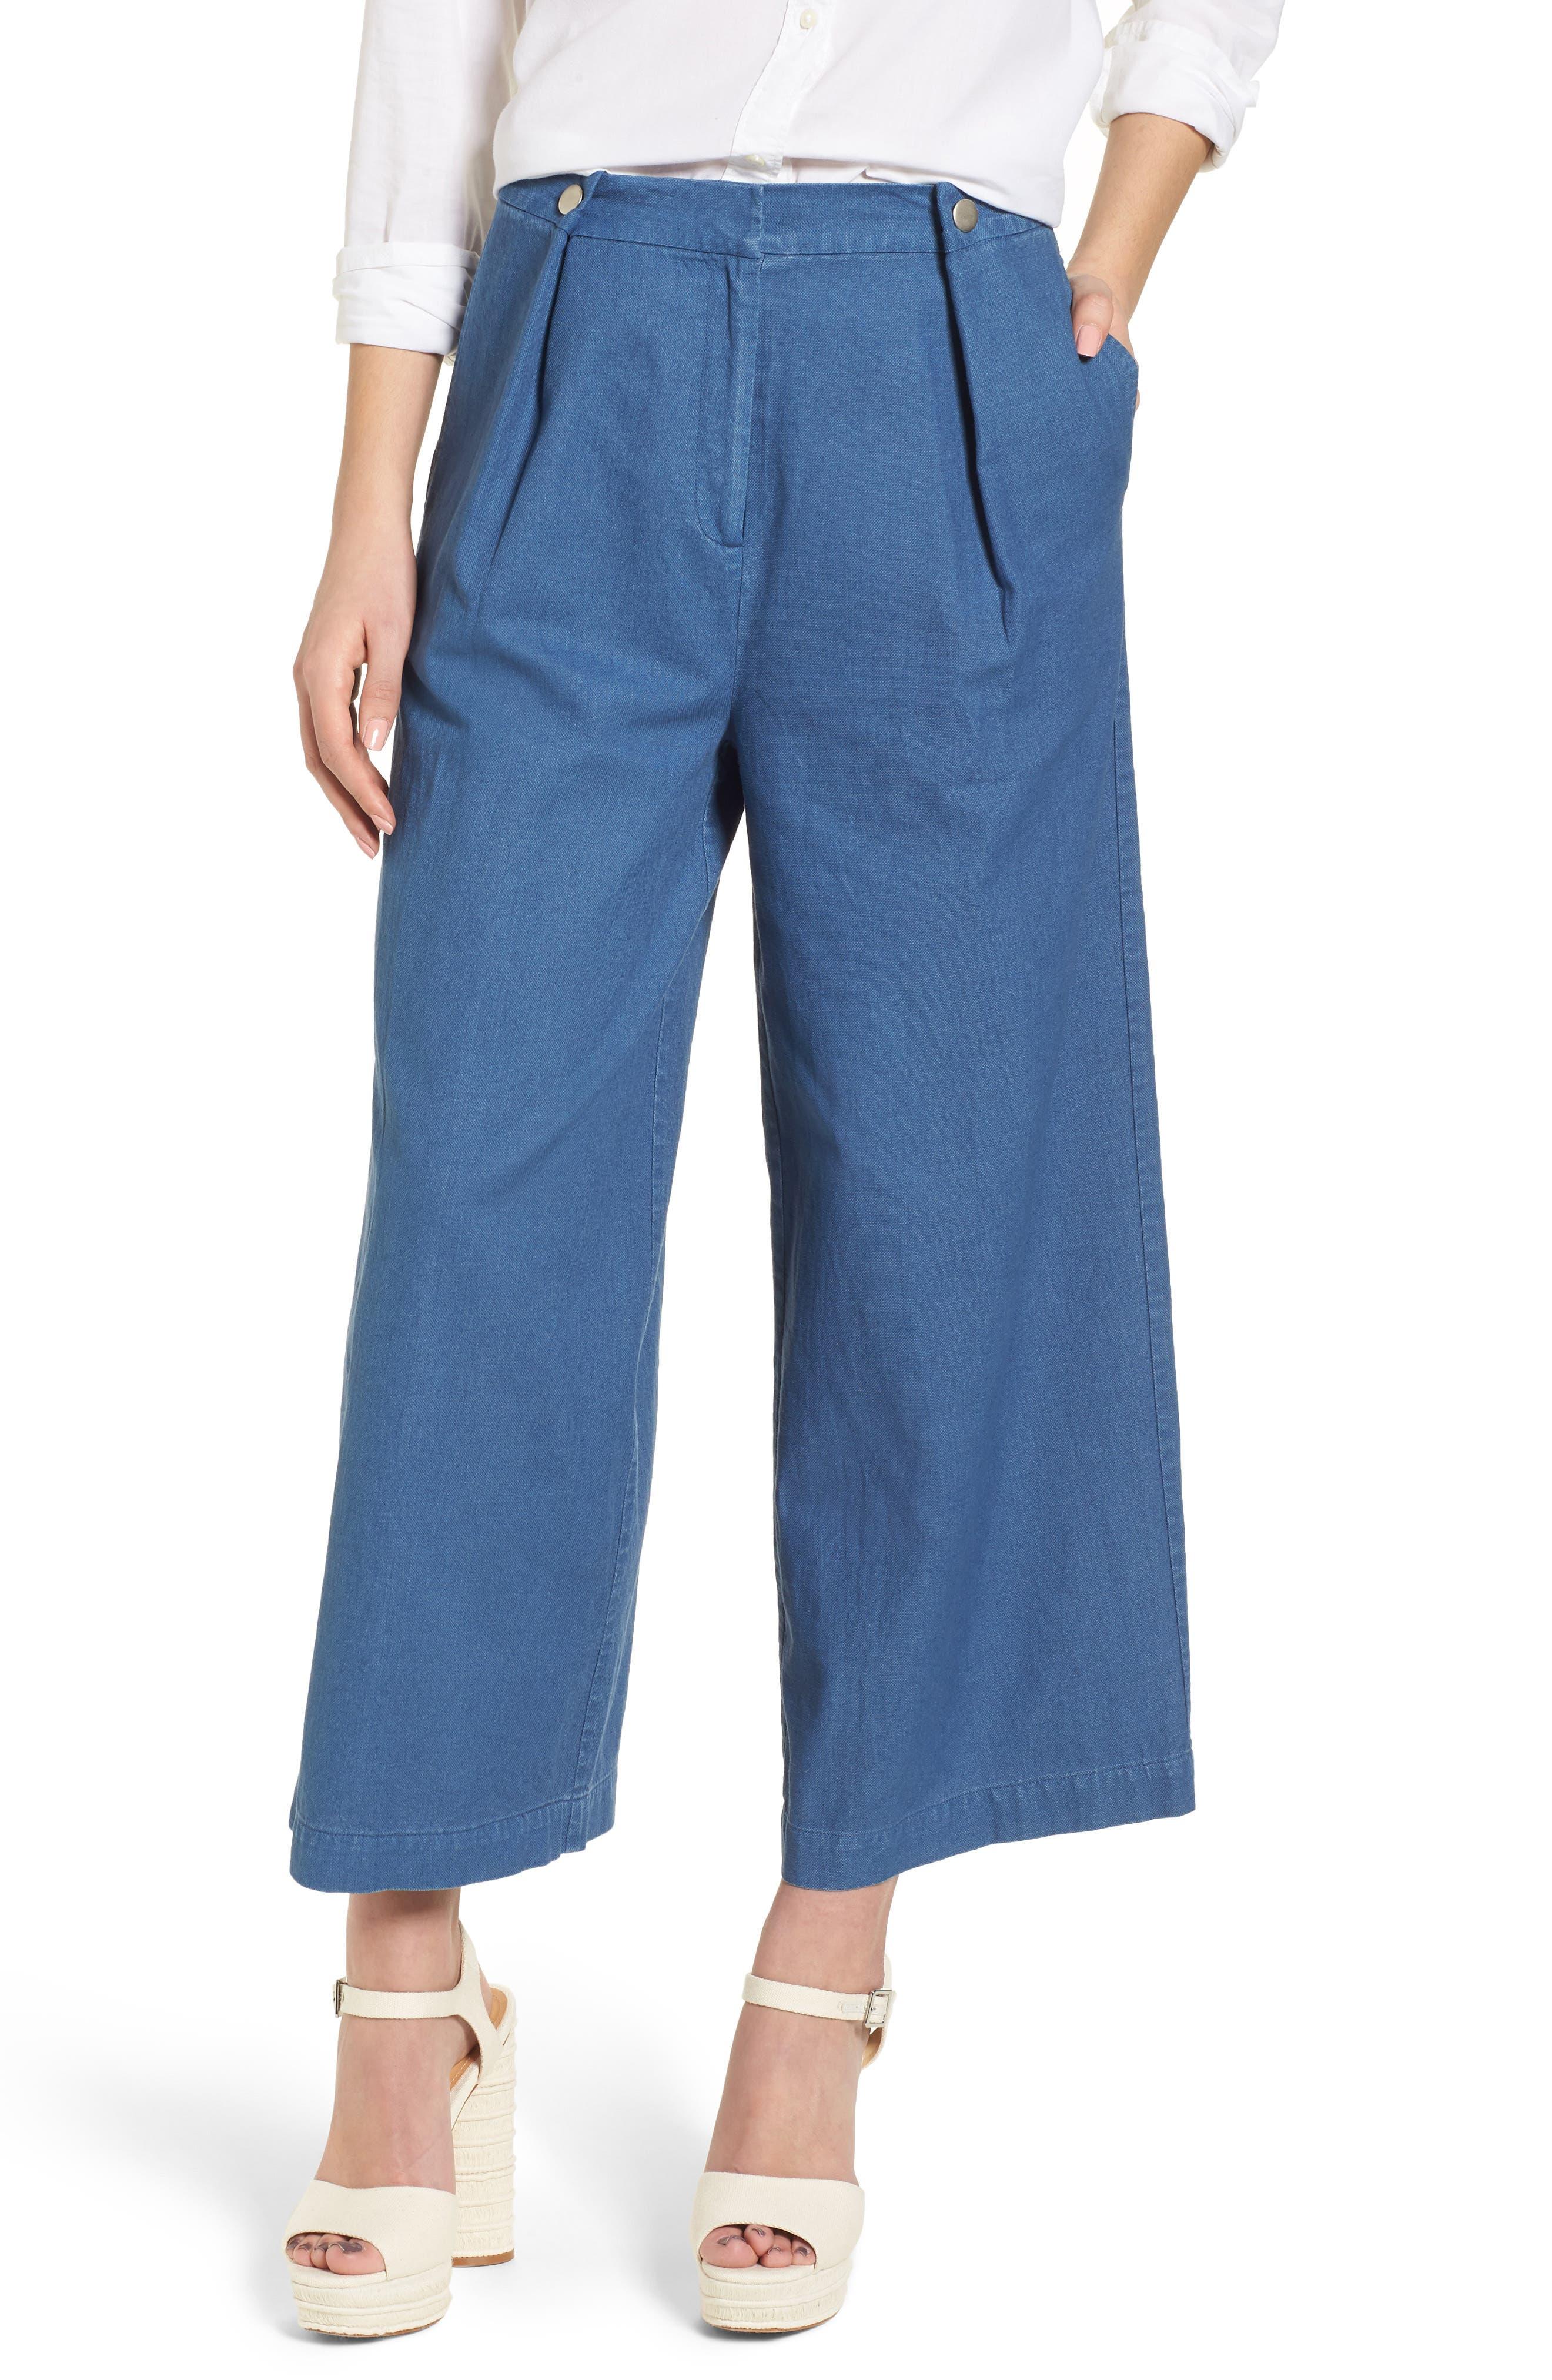 J.O.A. Crop Wide Leg Chambray Pants